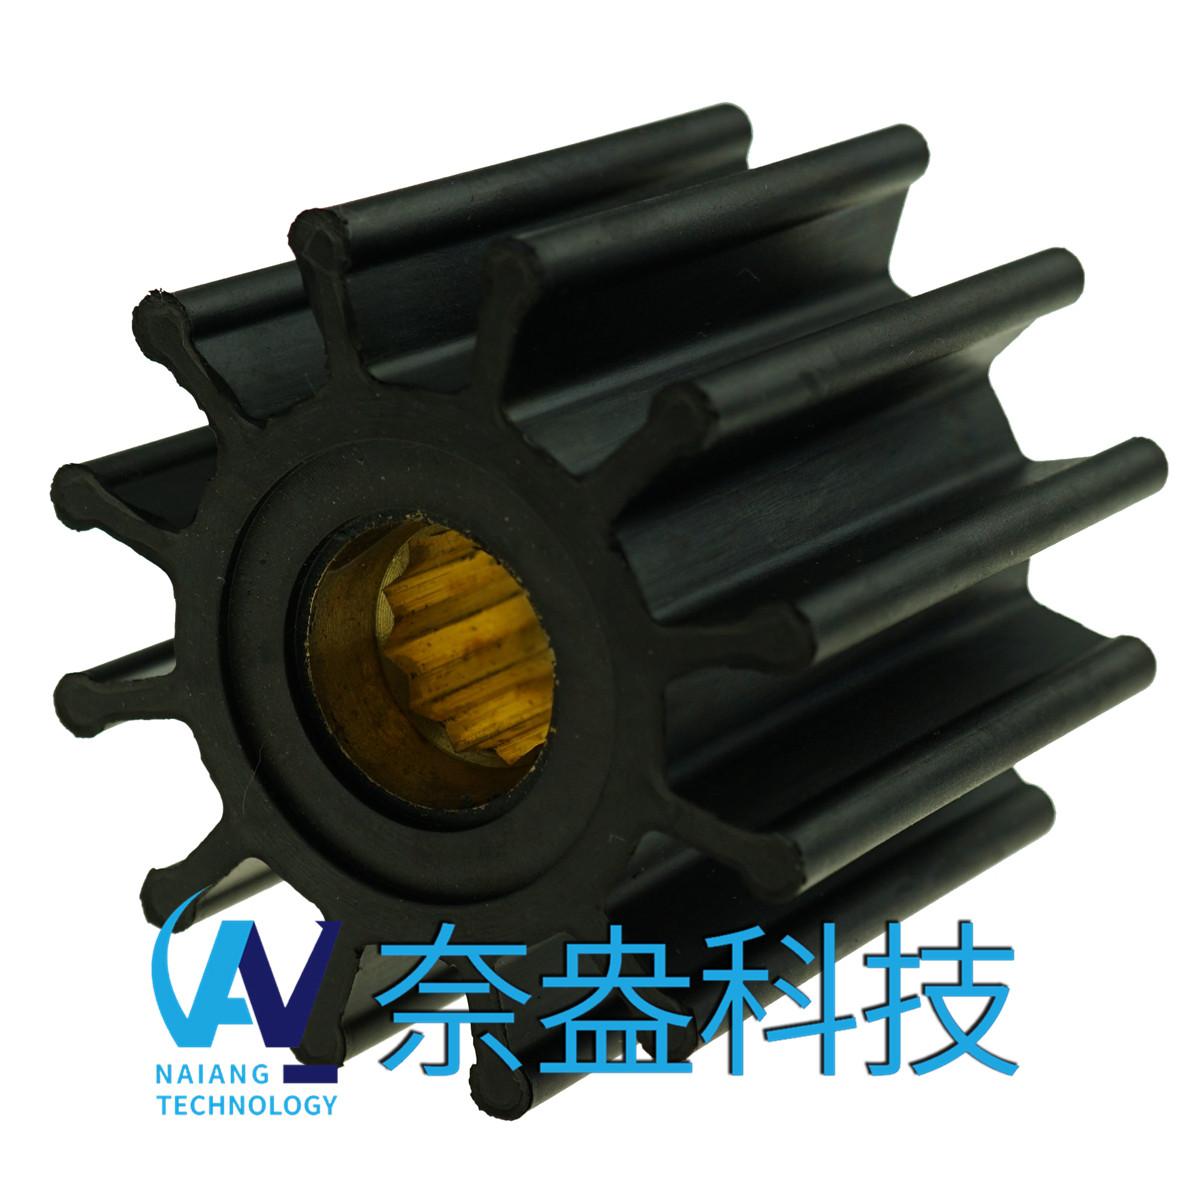 CEF泵用橡胶叶轮 CEF Impeller 500124